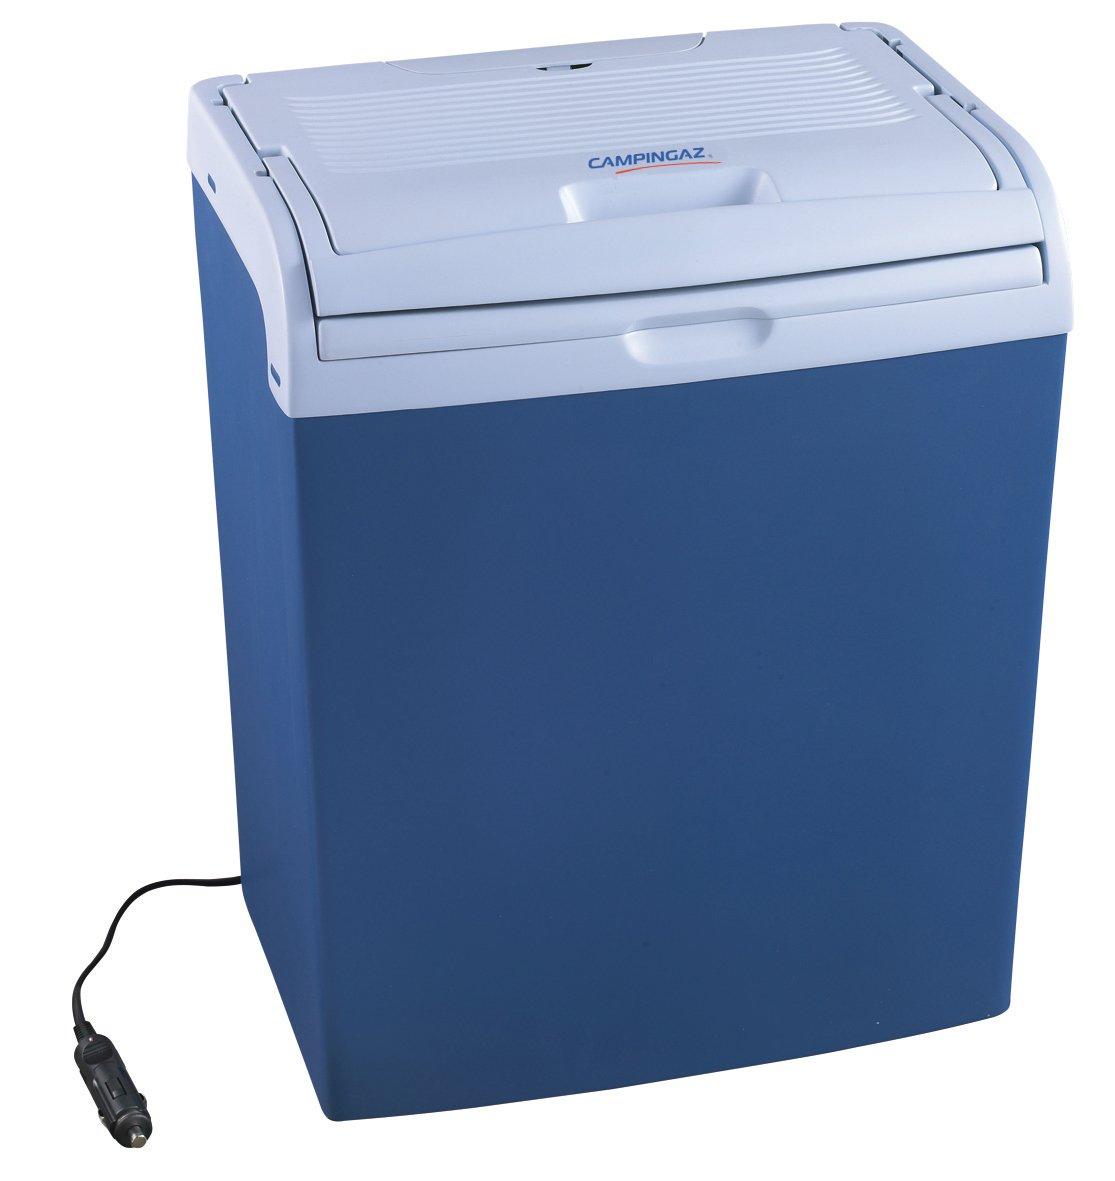 Campingaz Thermoelektrische Kühlbox, 20 Liter (30 x 26,8 x 46,3 cm)